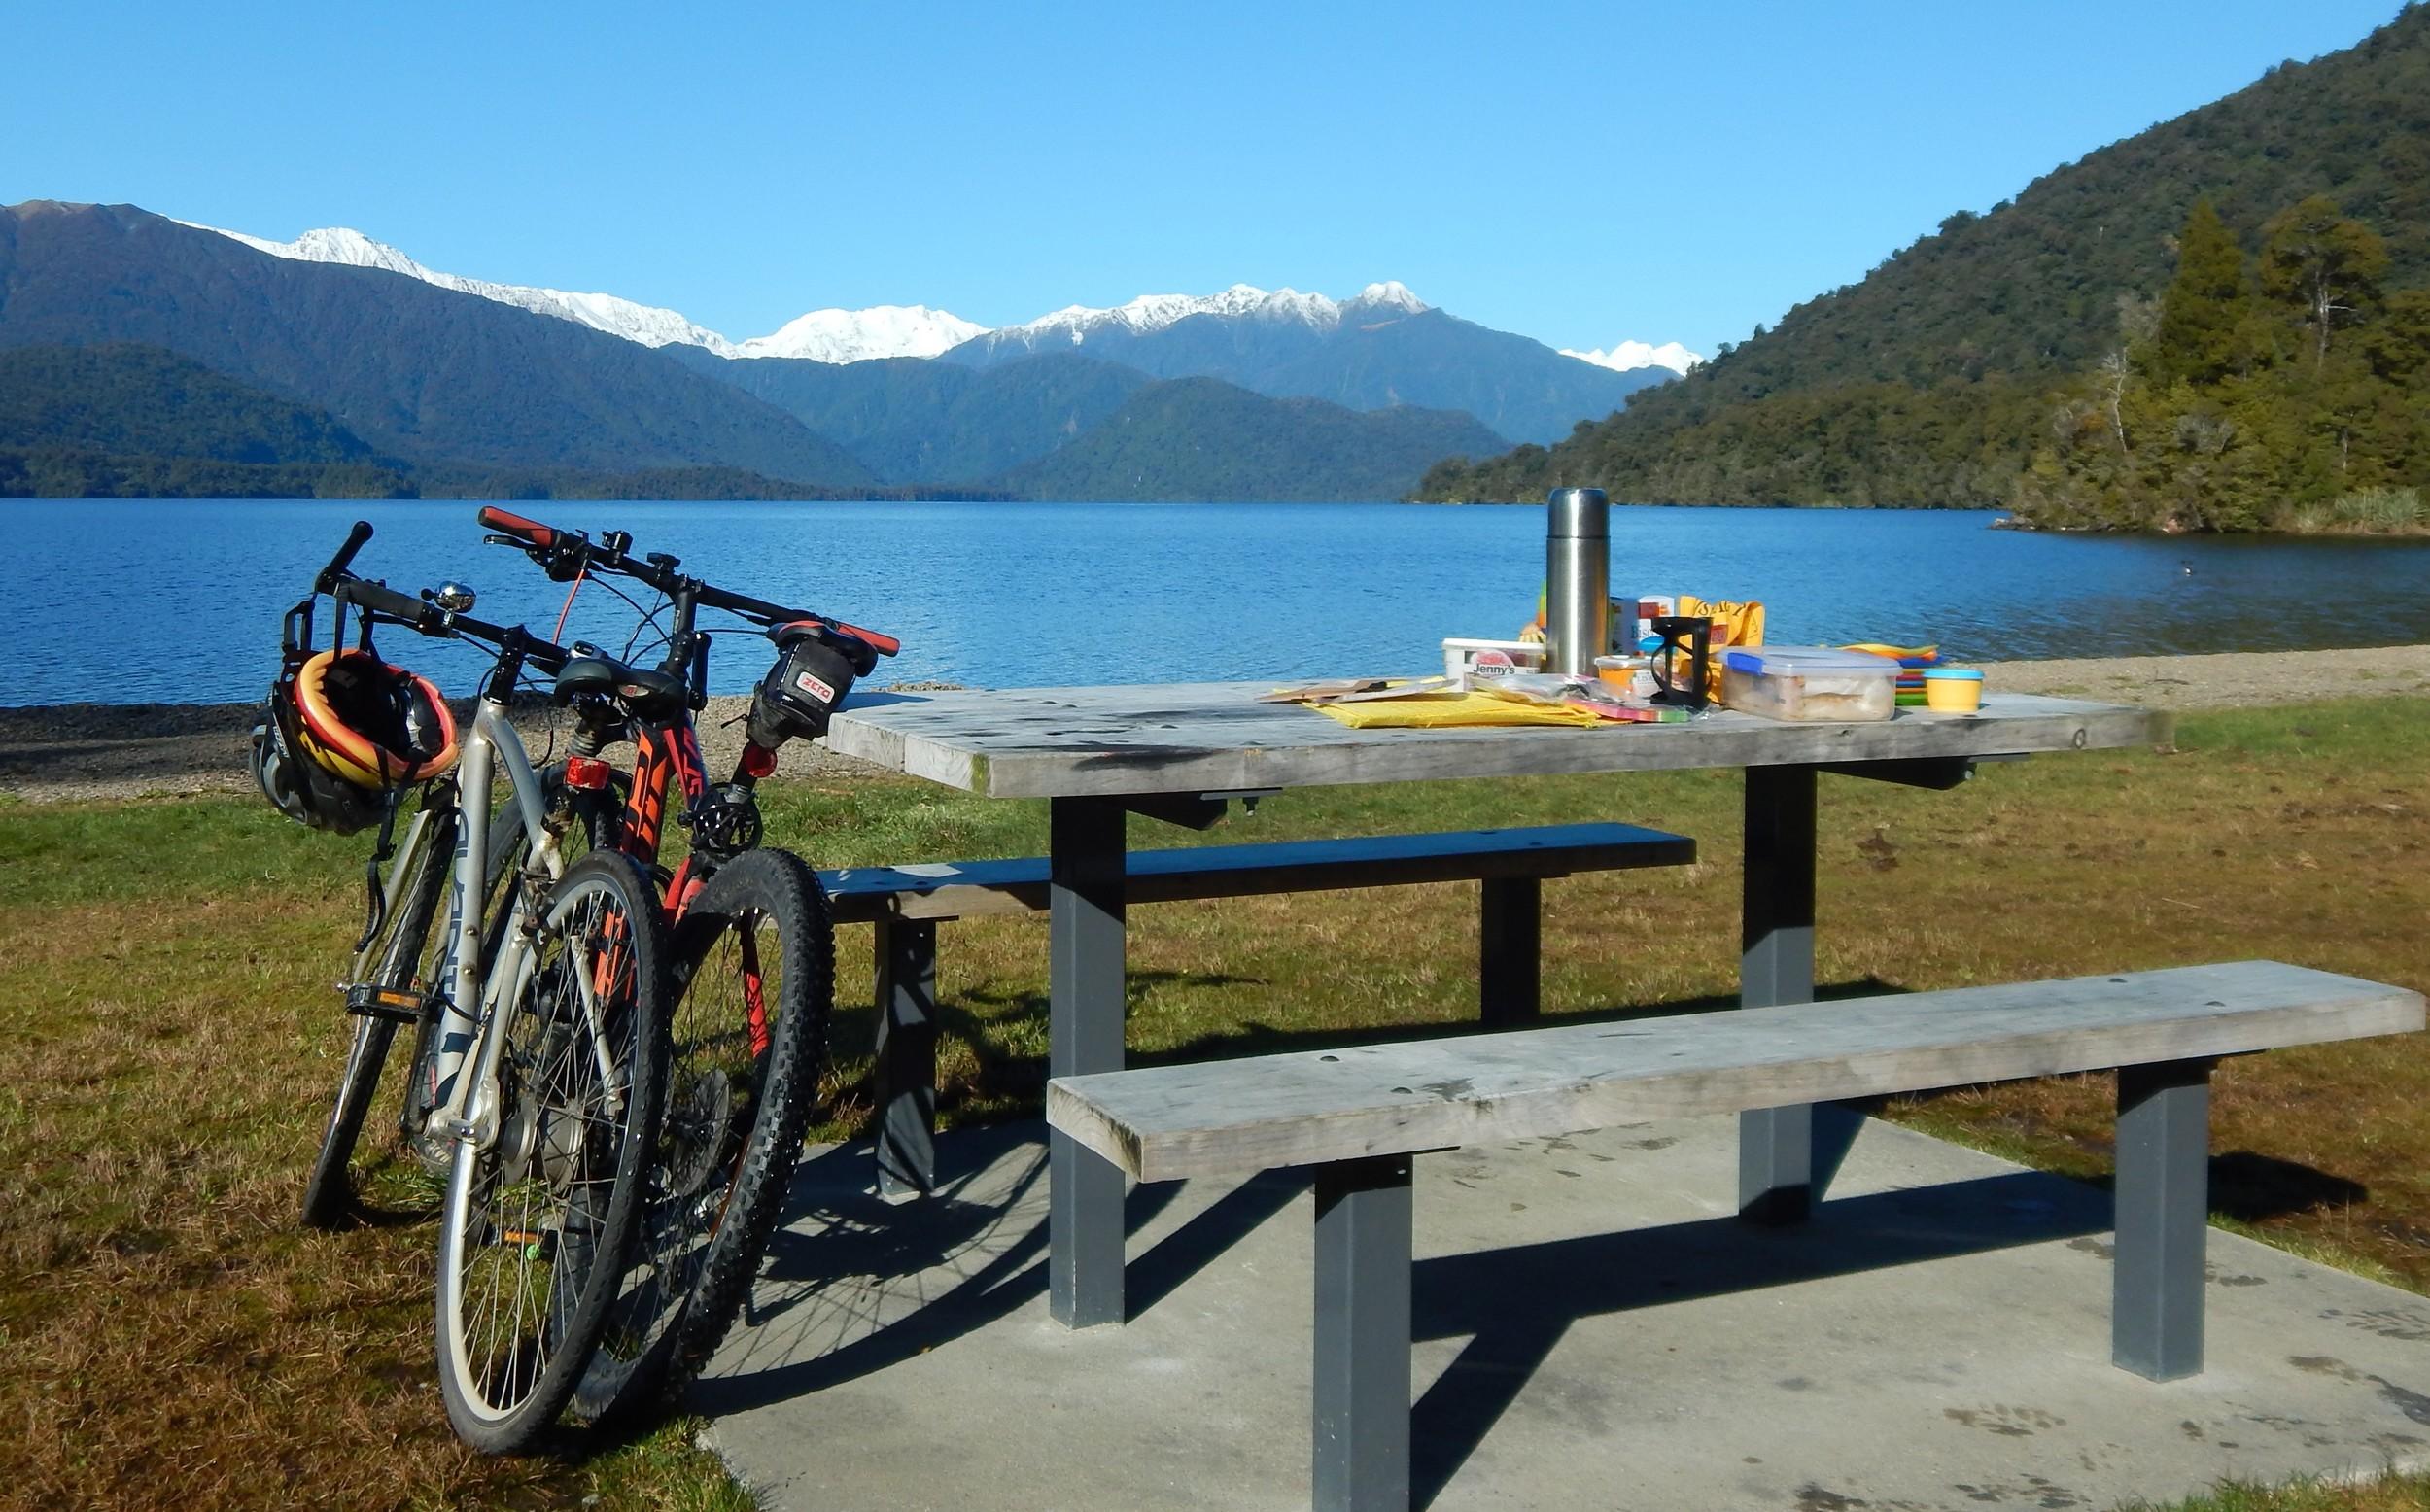 Parked up at Lake Kaniere